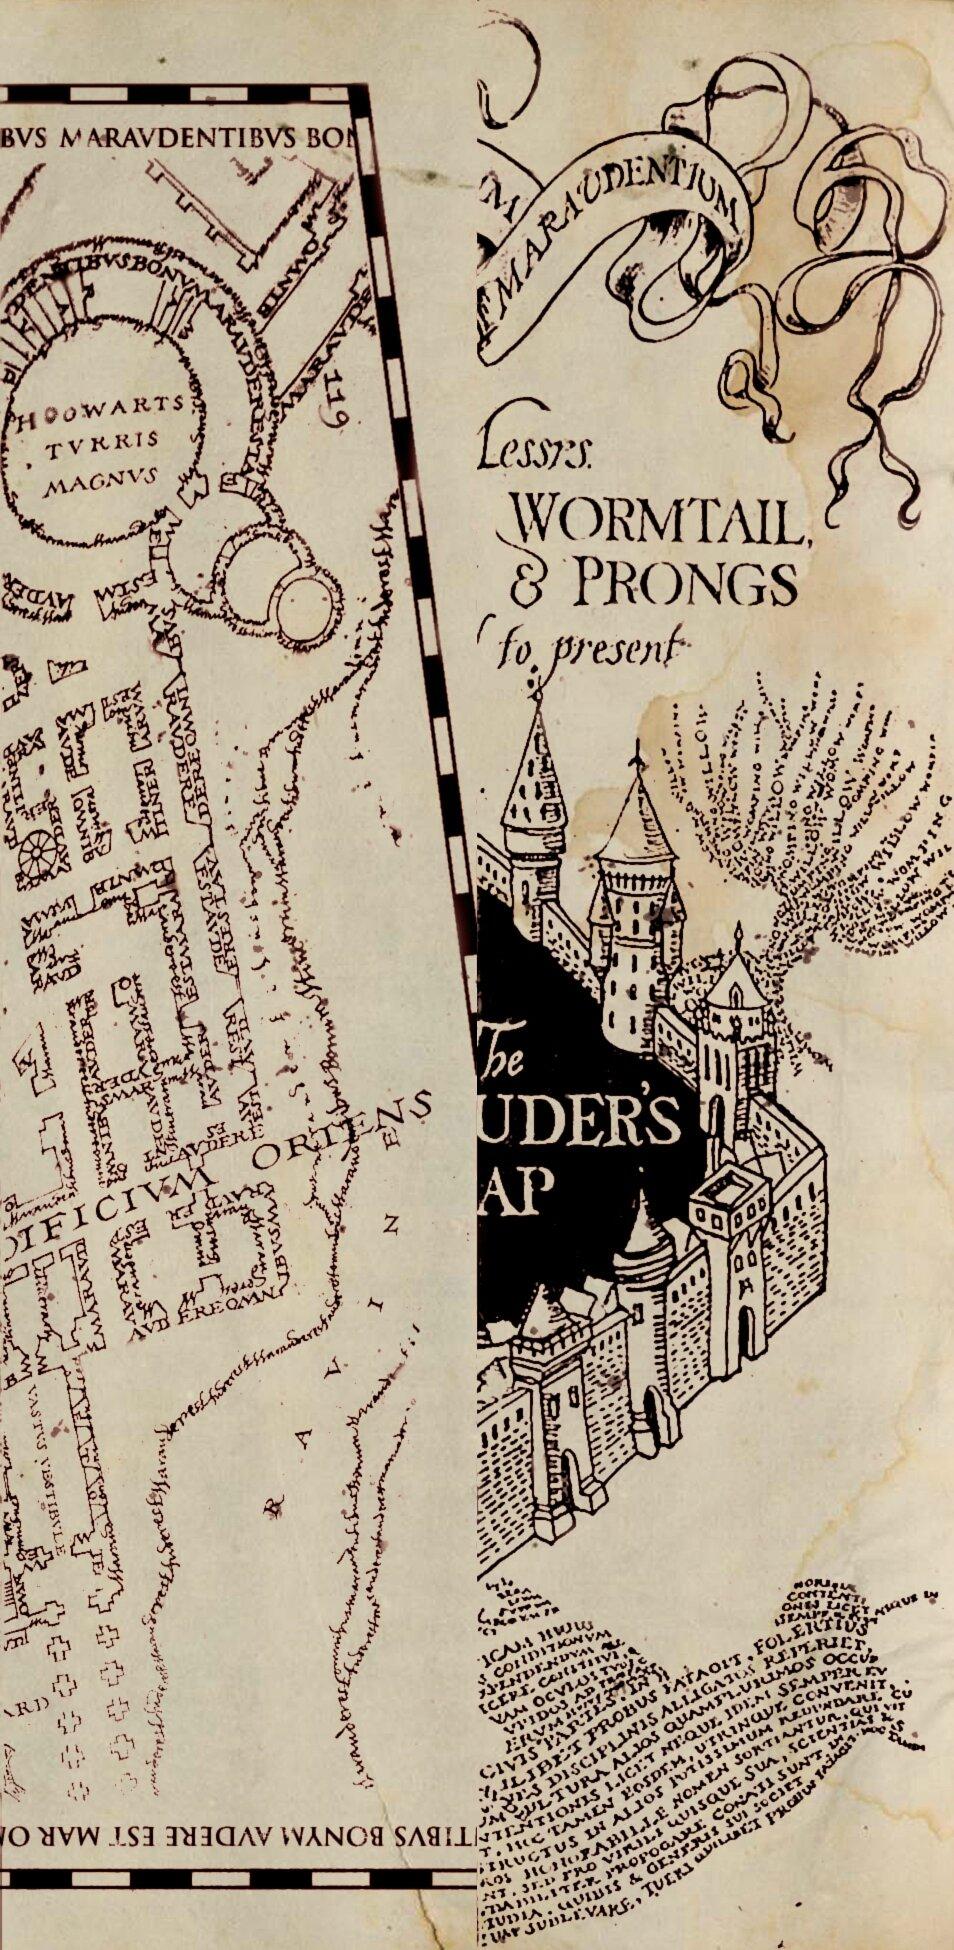 carte du maraudeur à imprimer La carte du maraudeur imprimable   Fangirl potter